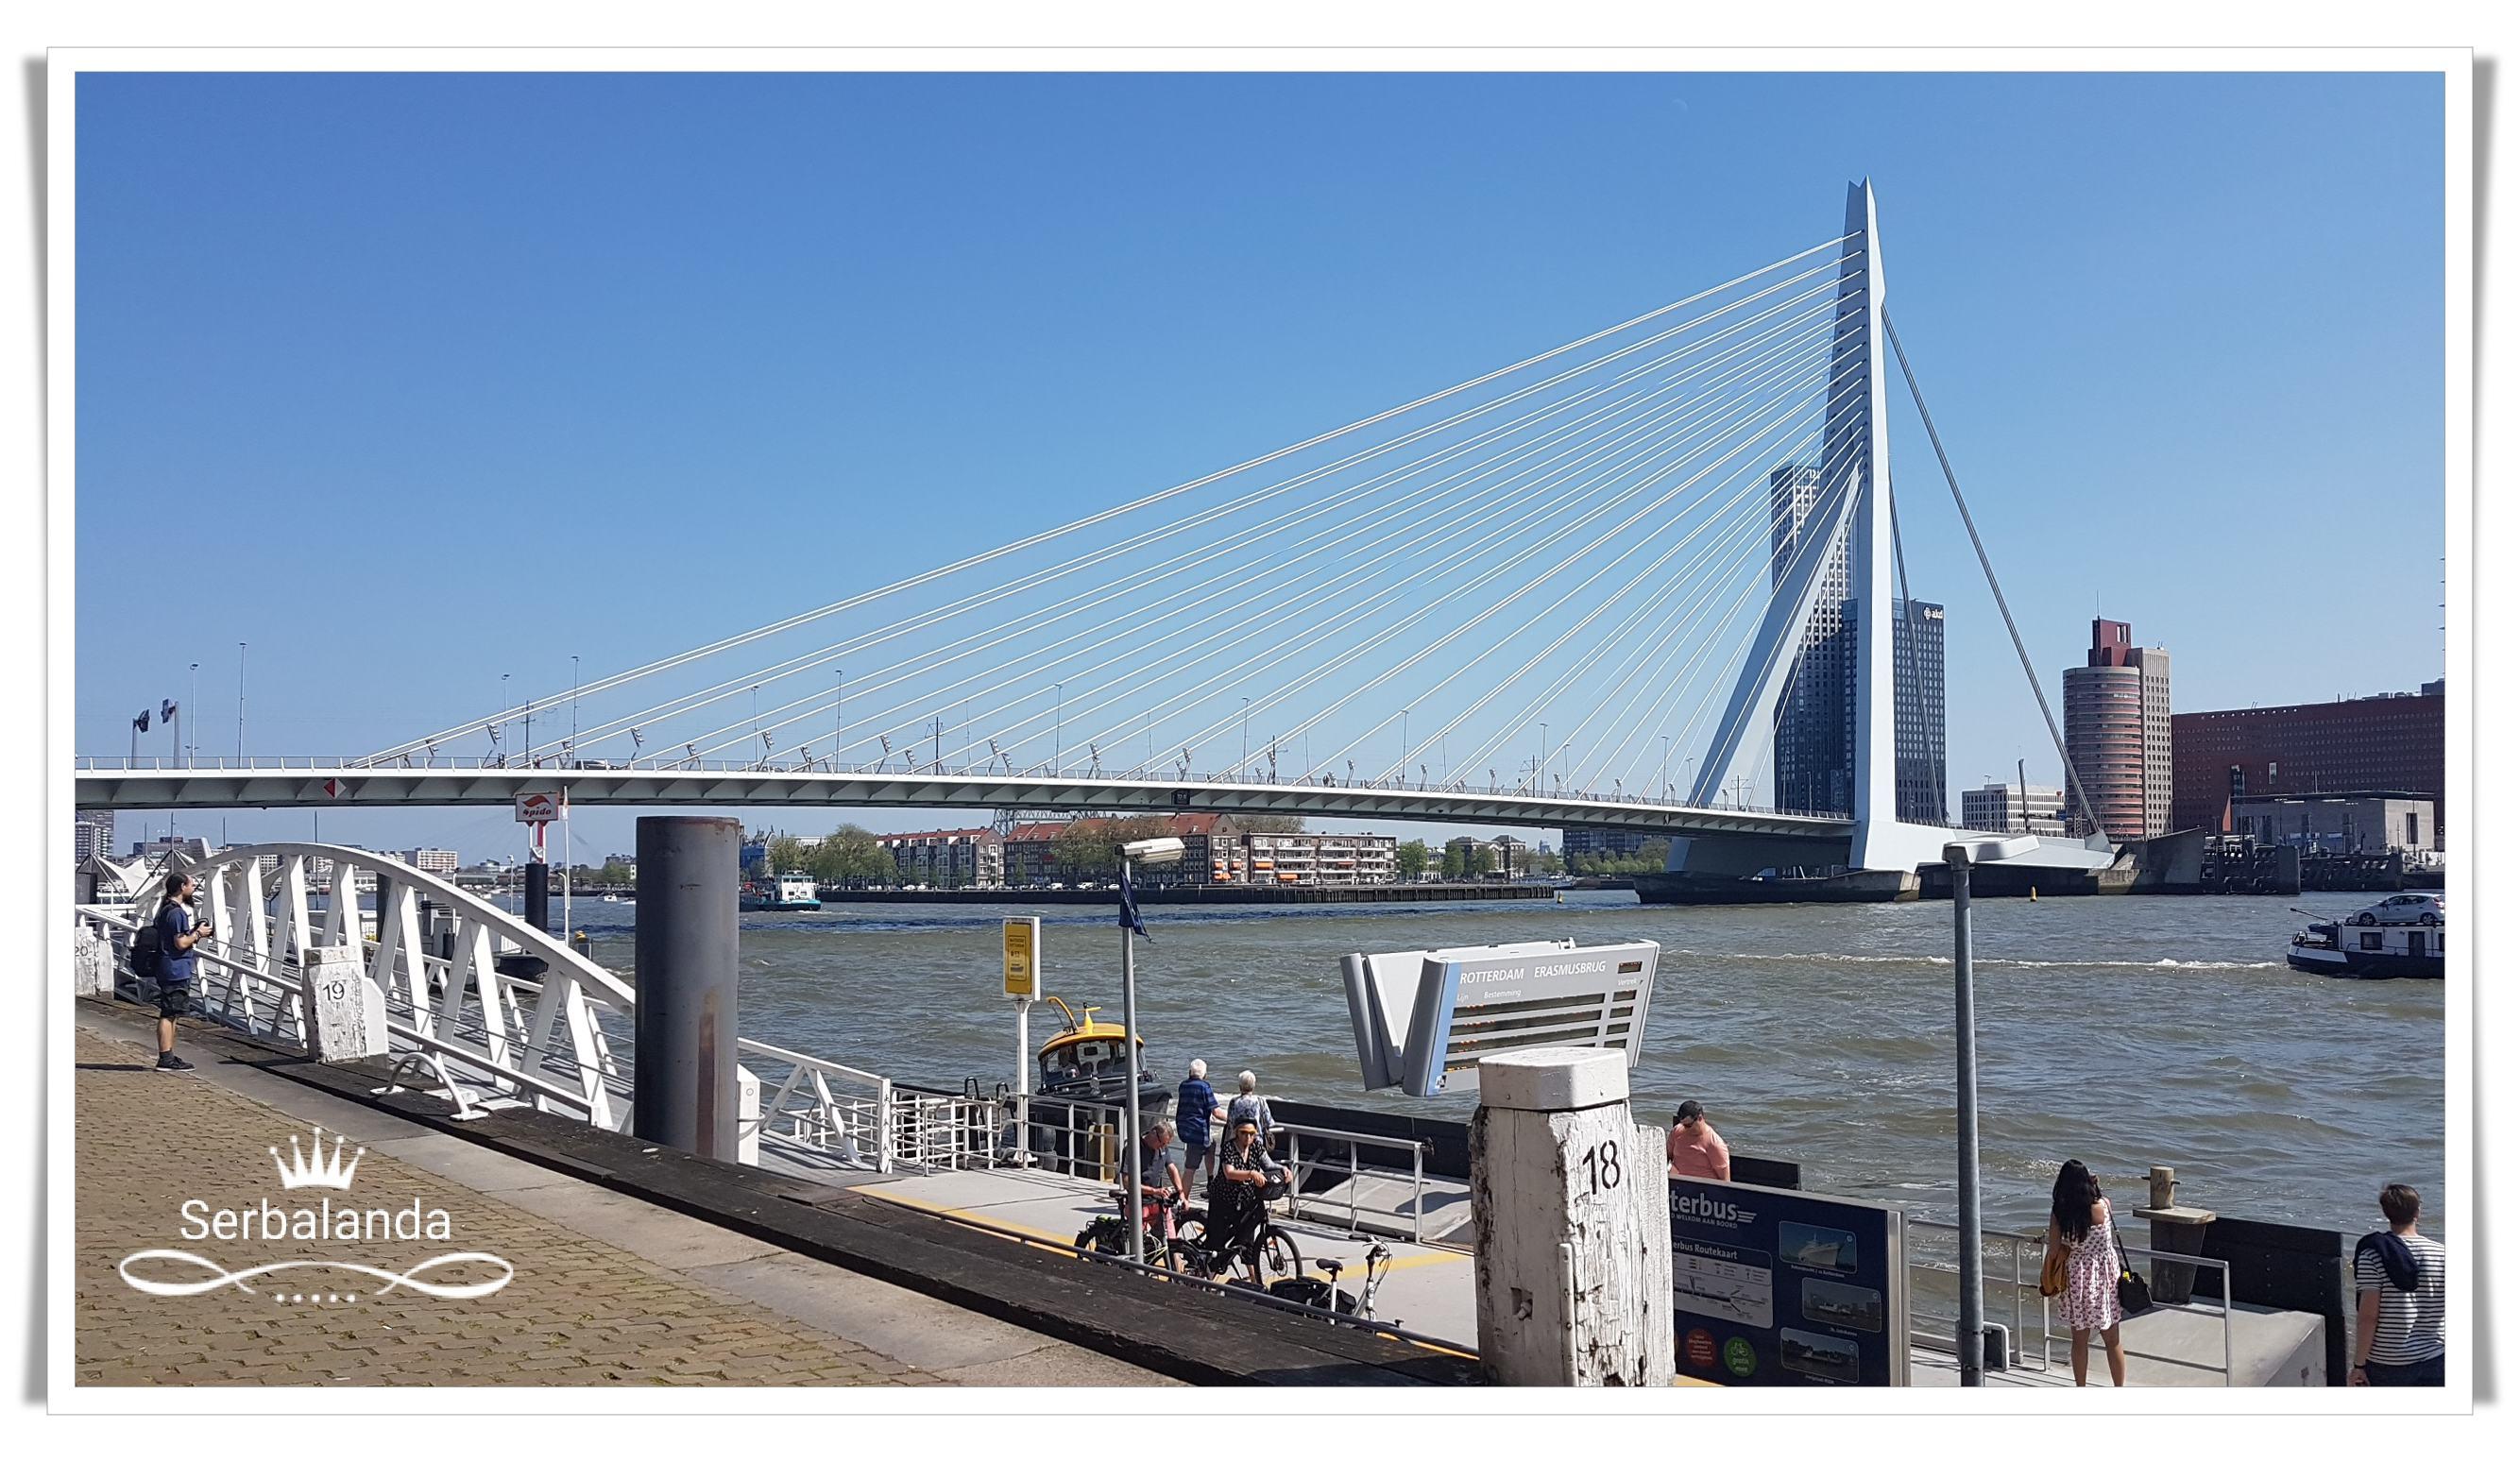 Jembatan Erasmus Rotterdam, salah satu spot di kota pelabuhan Rotterdam.